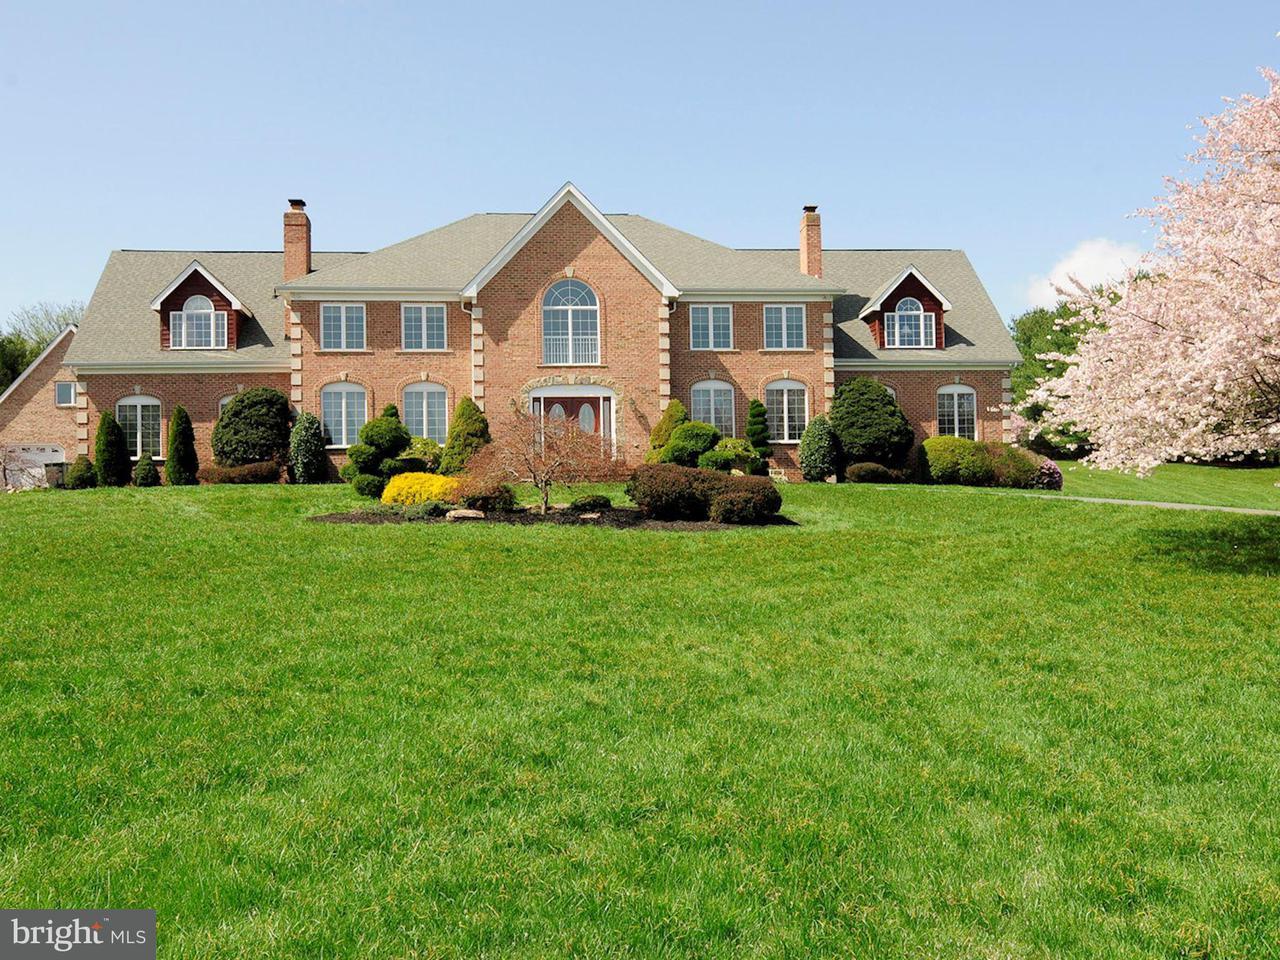 Частный односемейный дом для того Продажа на 5919 CLIFTON OAKS Drive 5919 CLIFTON OAKS Drive Clarksville, Мэриленд 21029 Соединенные Штаты